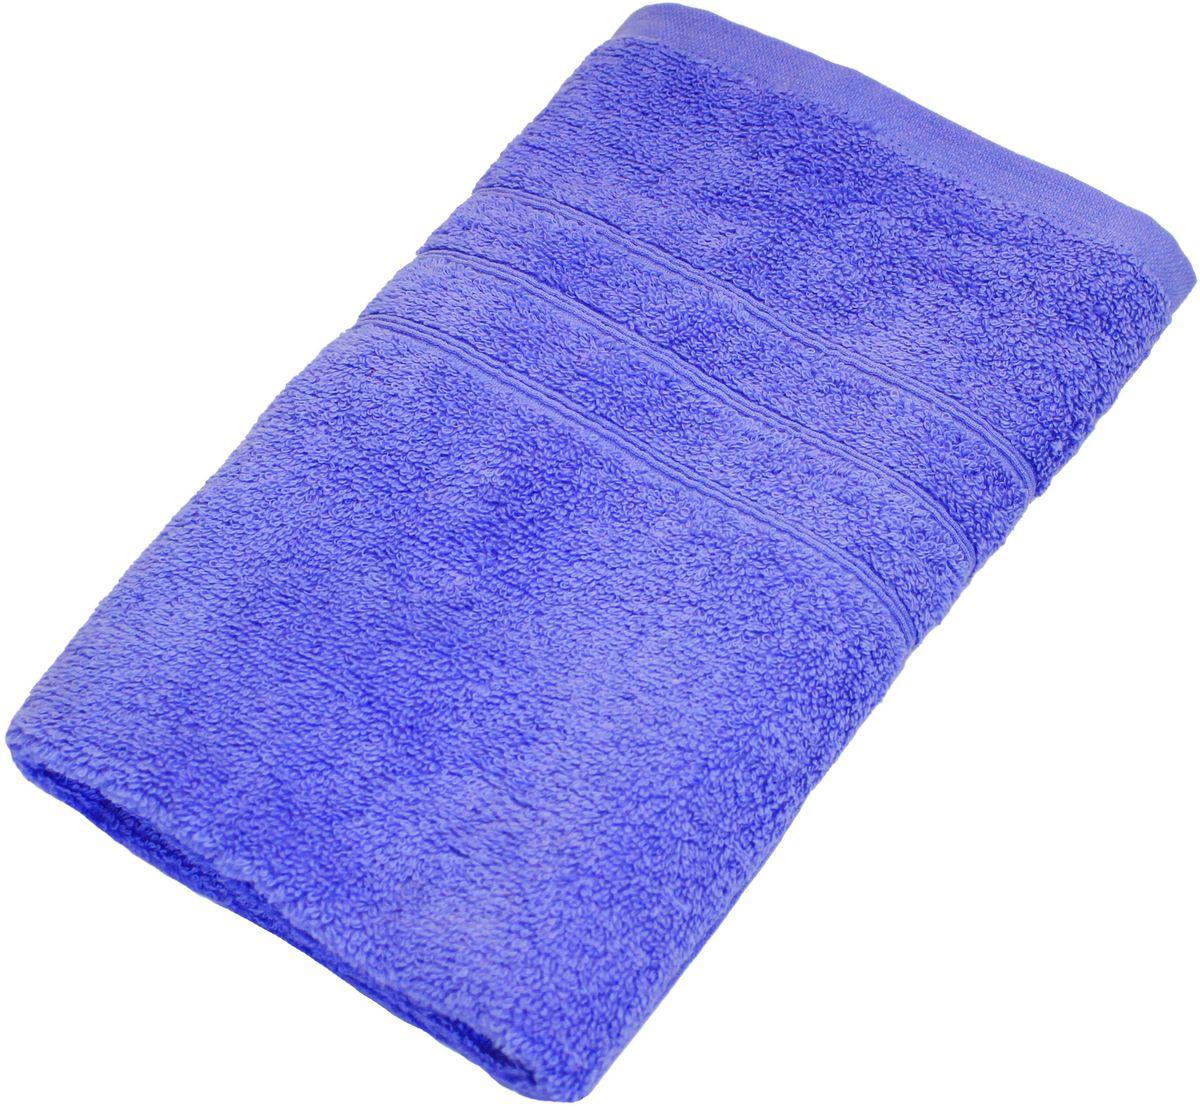 Полотенце Proffi Home Модерн, цвет: синий, 50 x 100 смPH3269Мягкое махровое полотенцеProffi Home Модерн отлично впитывает влагу и быстро сохнет, приятно в него завернуться после принятия ванны или посещения сауны. Поэтому данное махровое полотенце можно использовать в качестве душевого, банного или пляжного полотенца. Состав: 100% хлопок.